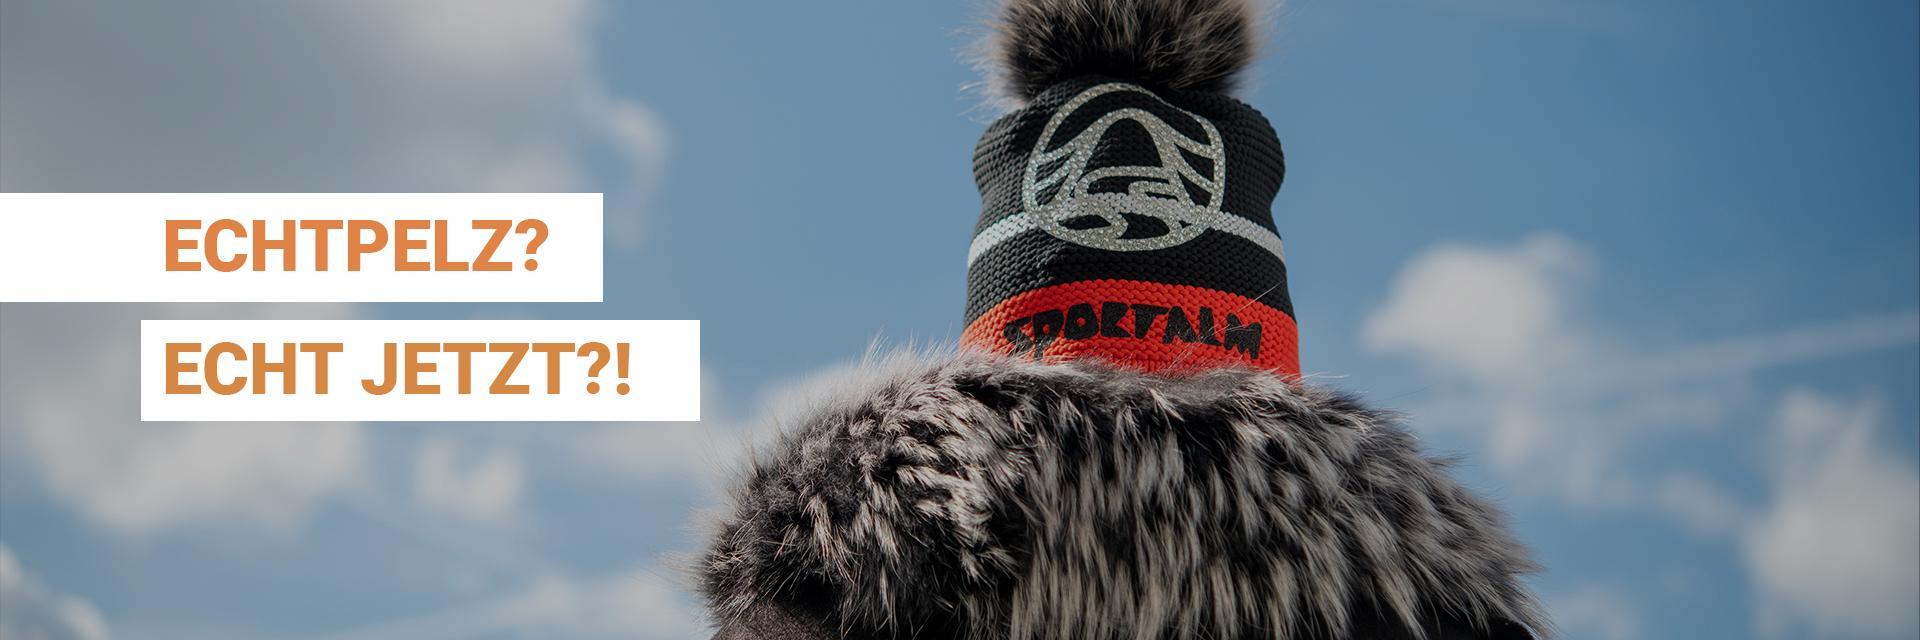 Pelzprodukte Sportalm